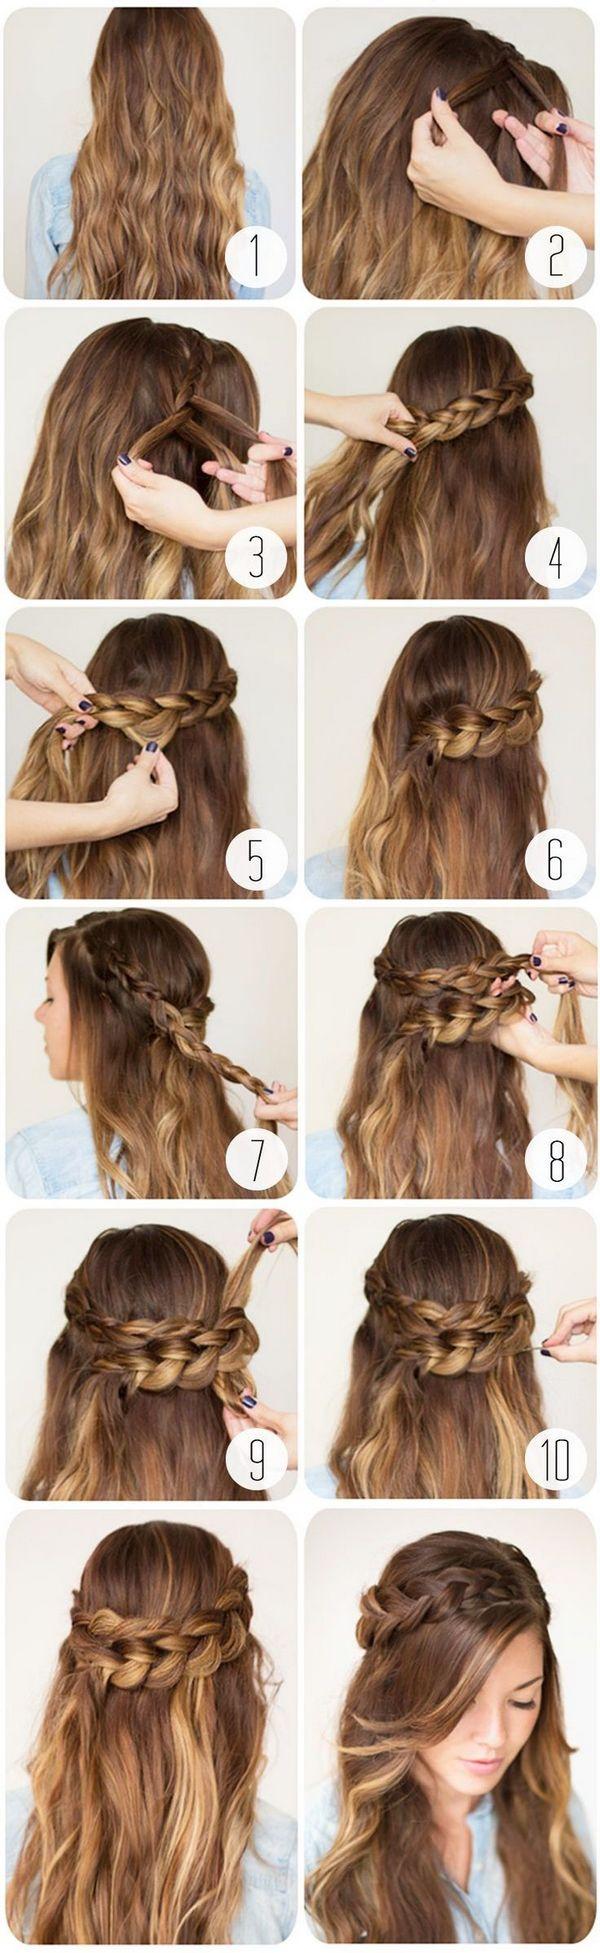 Прически на длинные волосы своими руками пошаговое фото для девочек фото 524